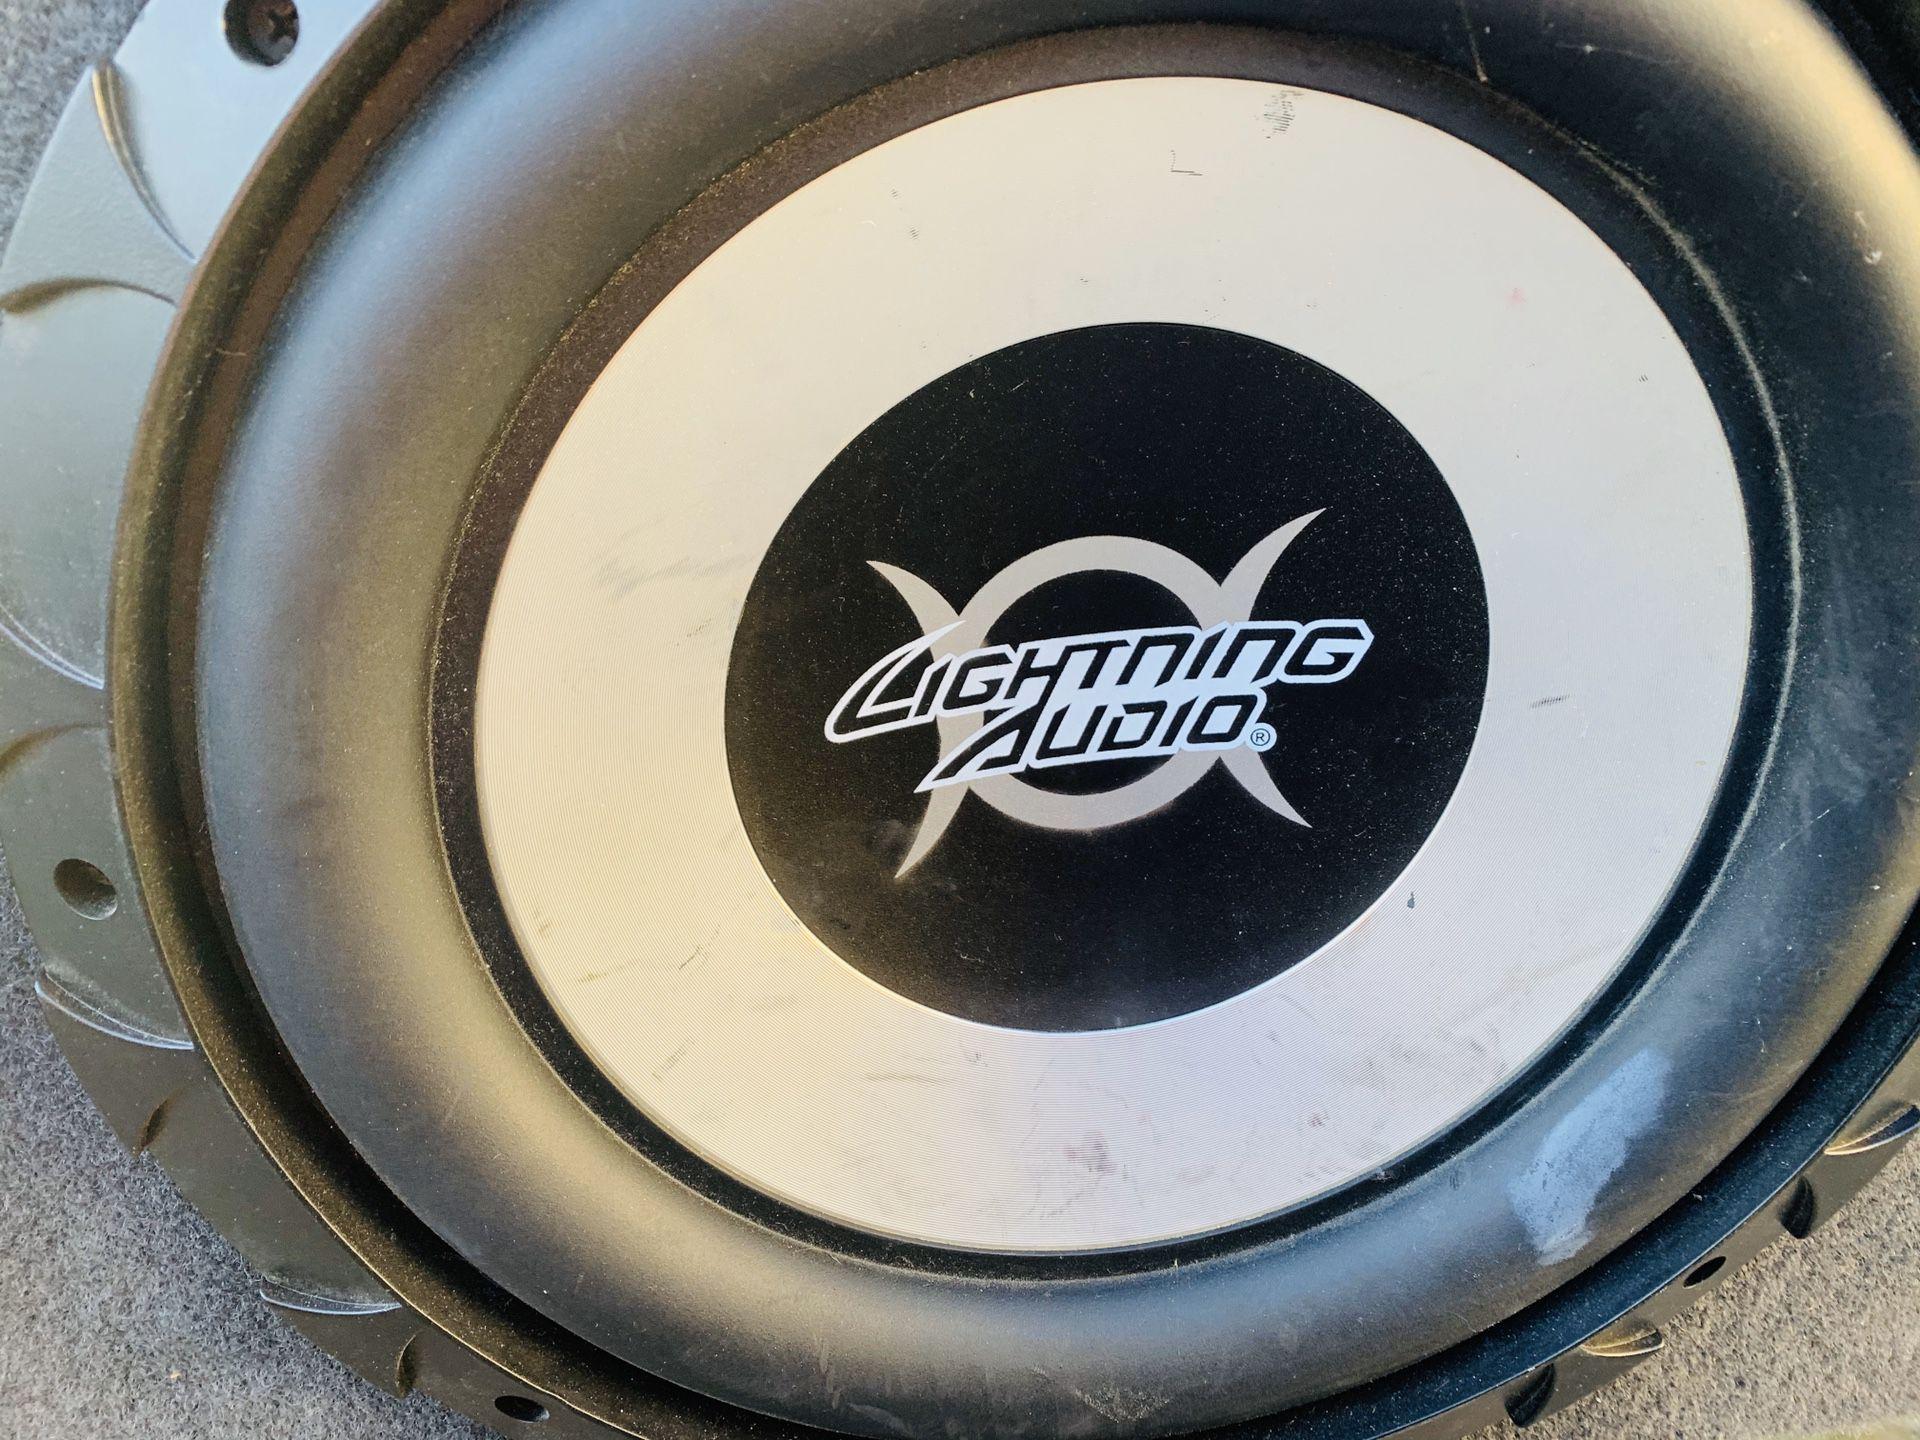 Lightning audio 12